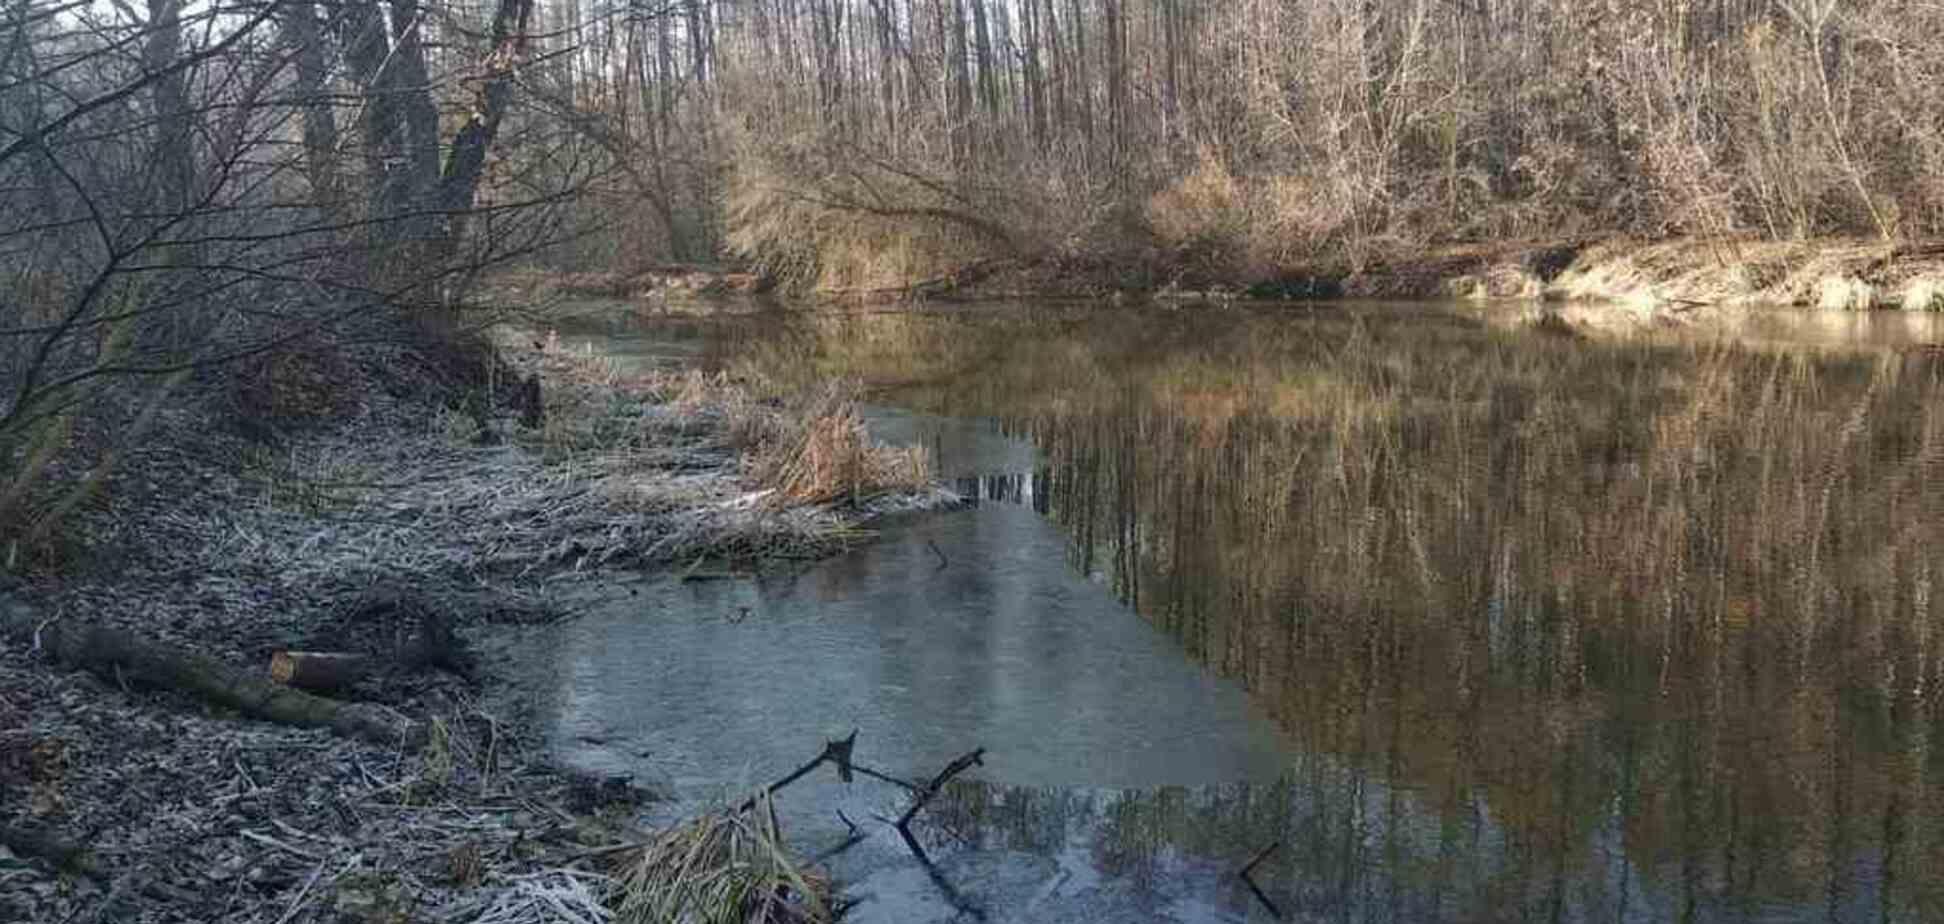 На Хмельниччине фабрику заподозрили в выбросе отравы в реку: экологи забили тревогу